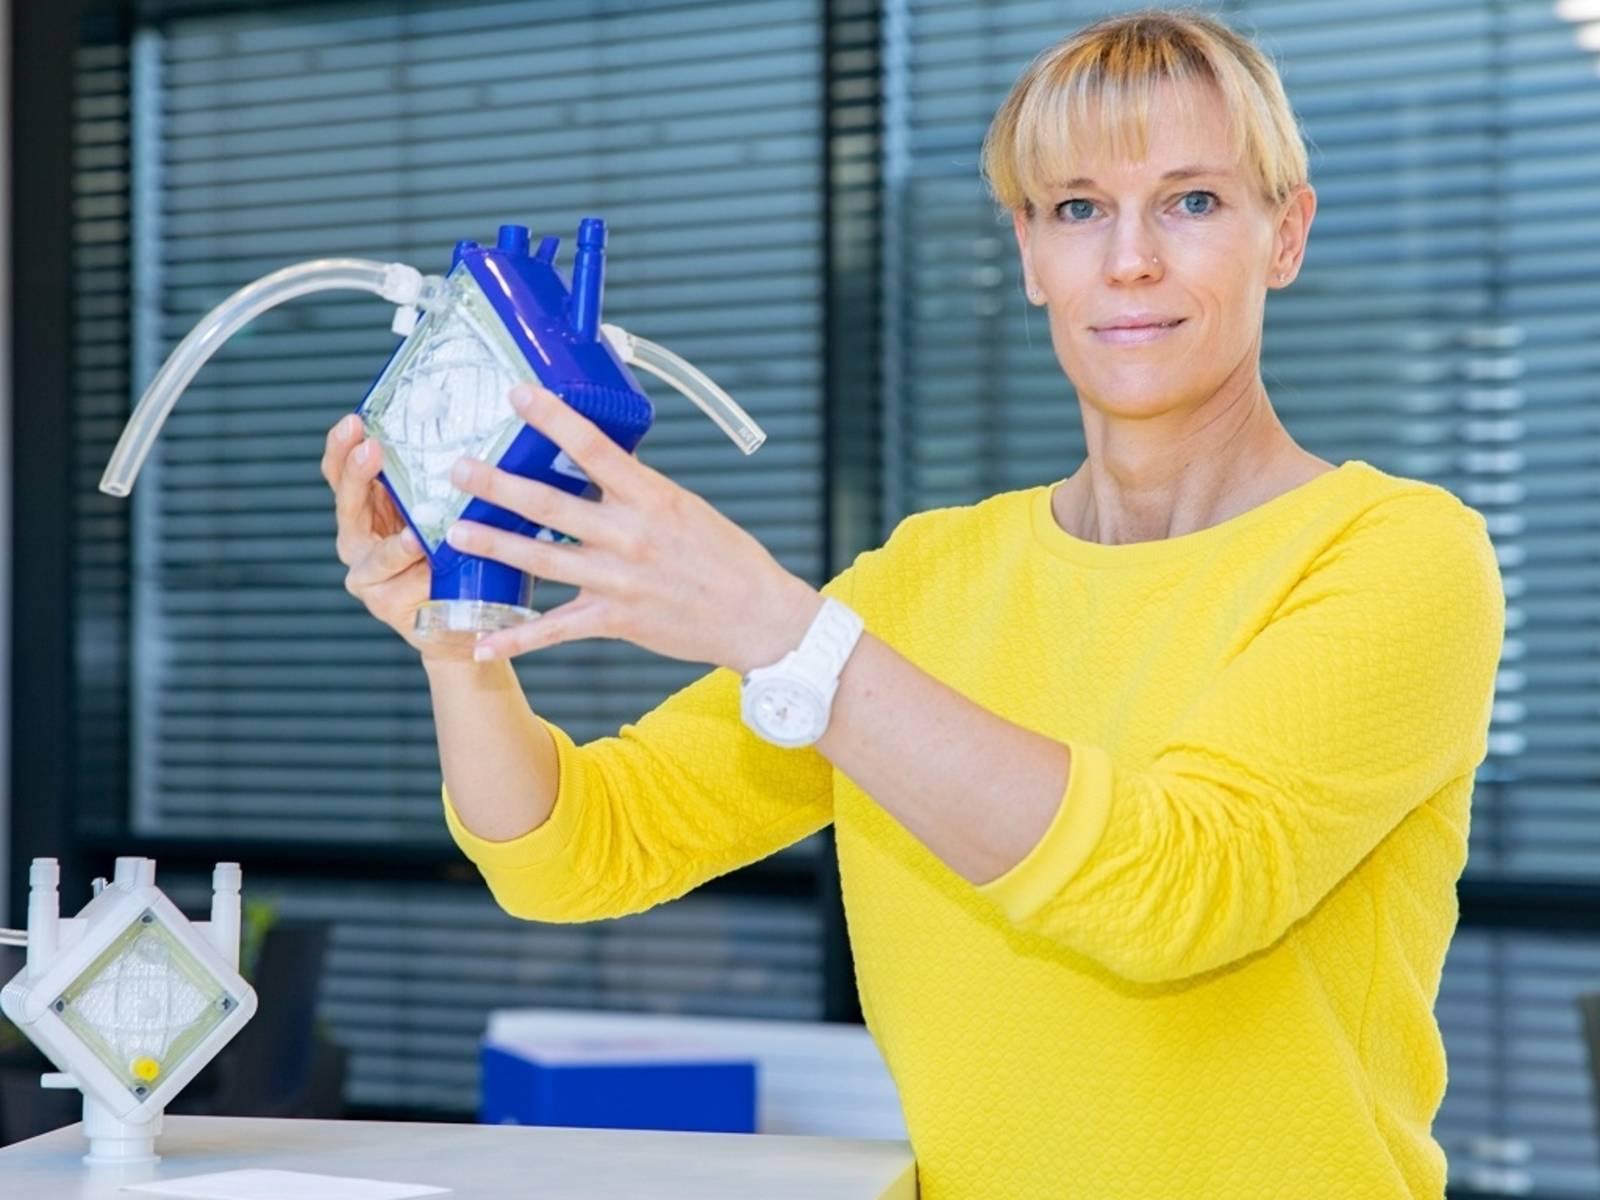 Eine Frau hält ein Gerät in den Händen.